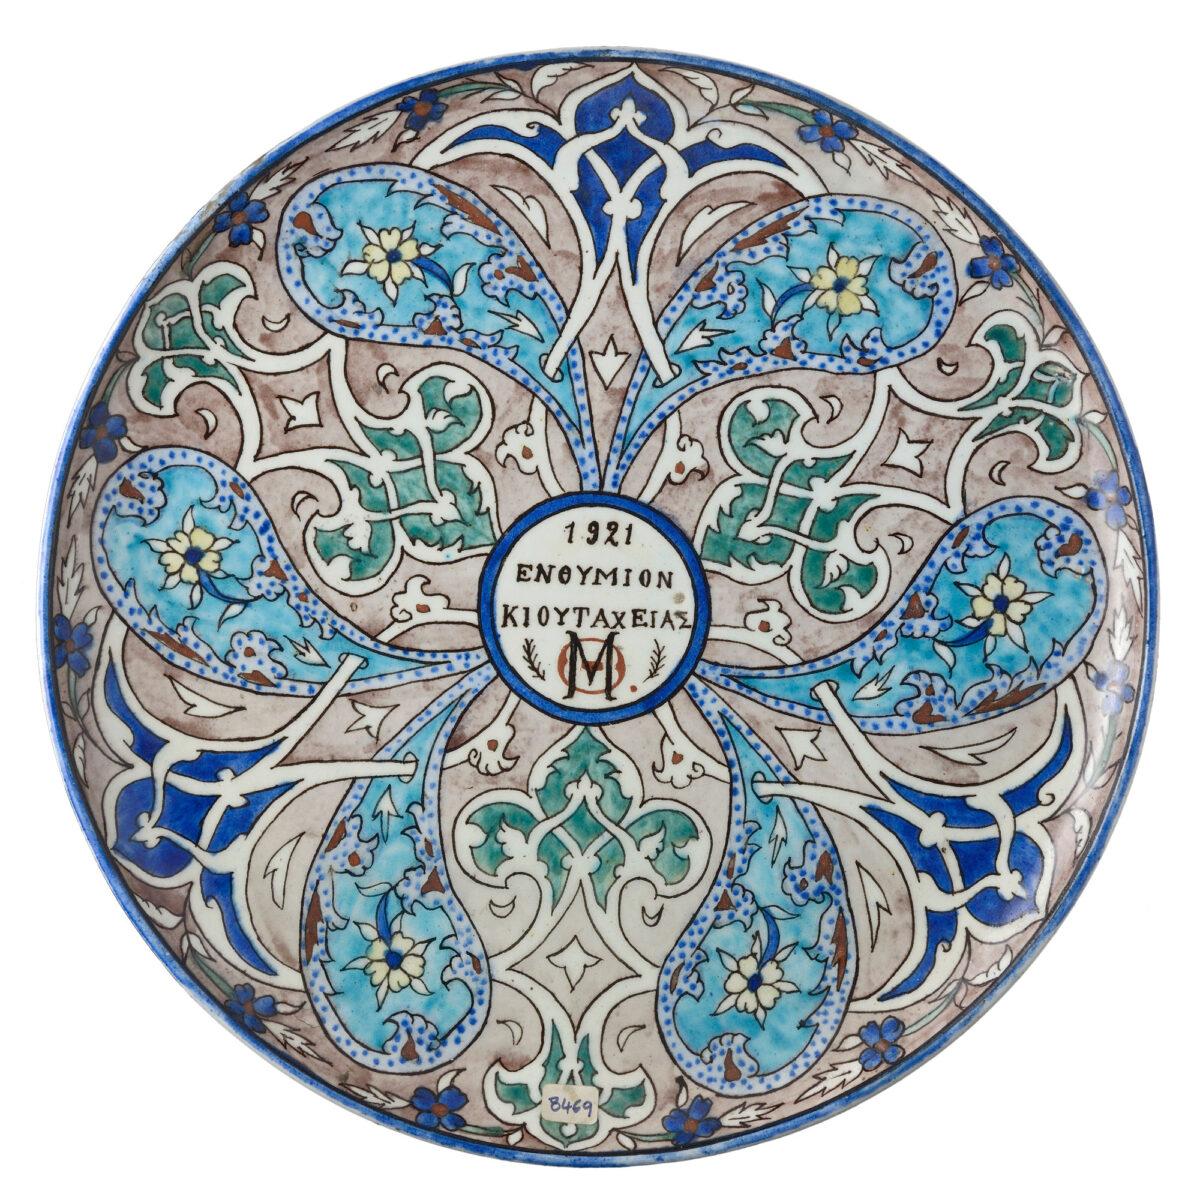 Πιάτο από την Κιουτάχεια του 1921. Δωρεά Χριστόφορου Νομικού – Μουσείο Μπενάκη, 8469.